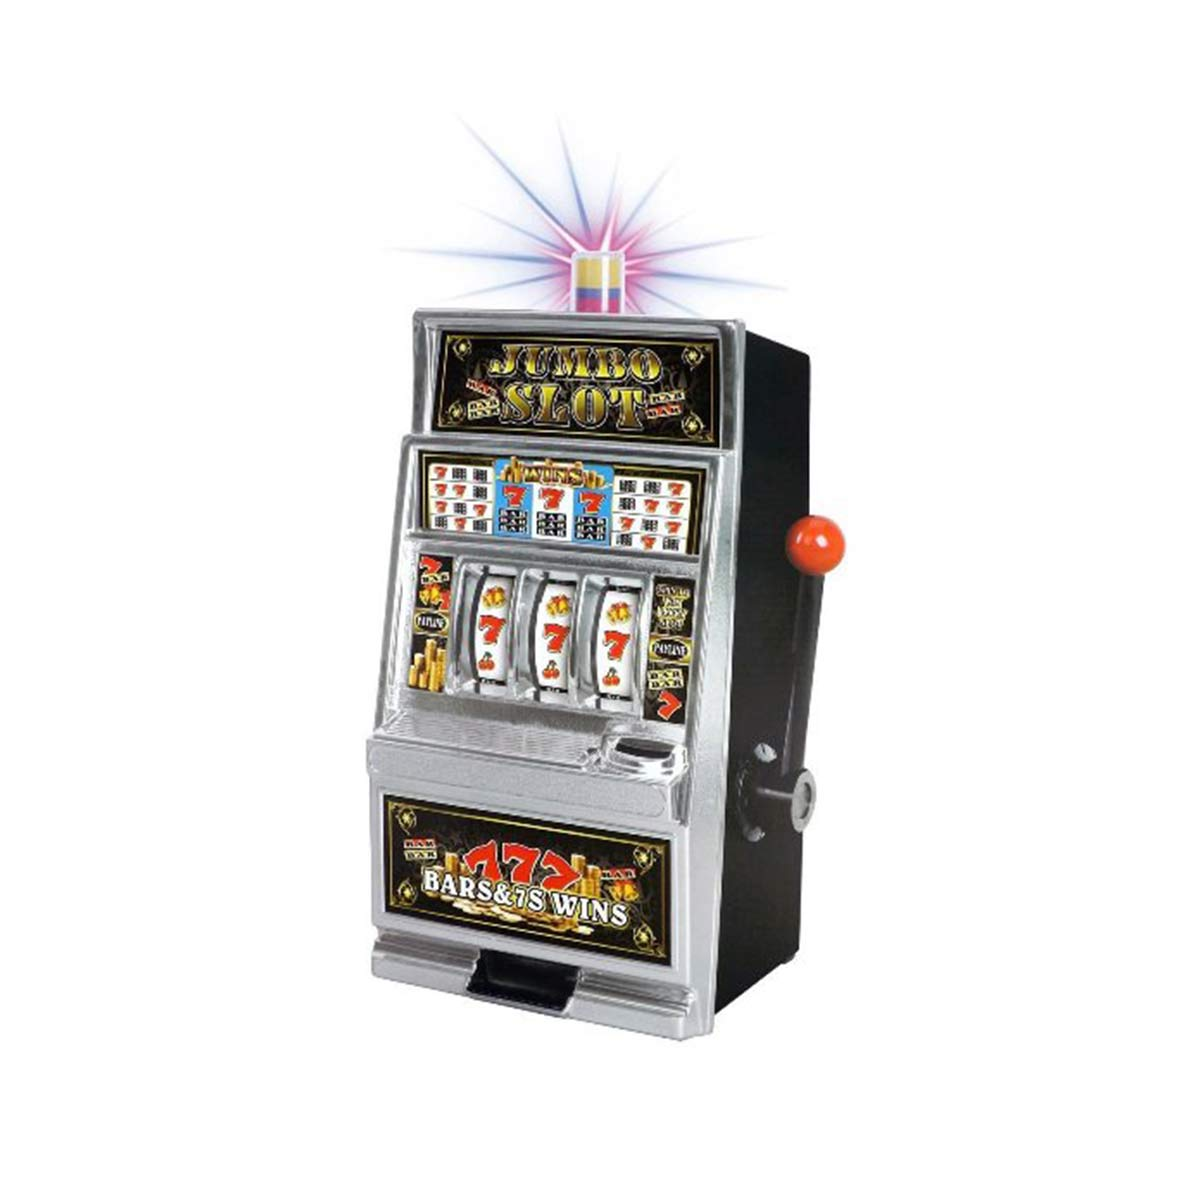 スロットマシン カジノ おもちゃ ジャンボスロット